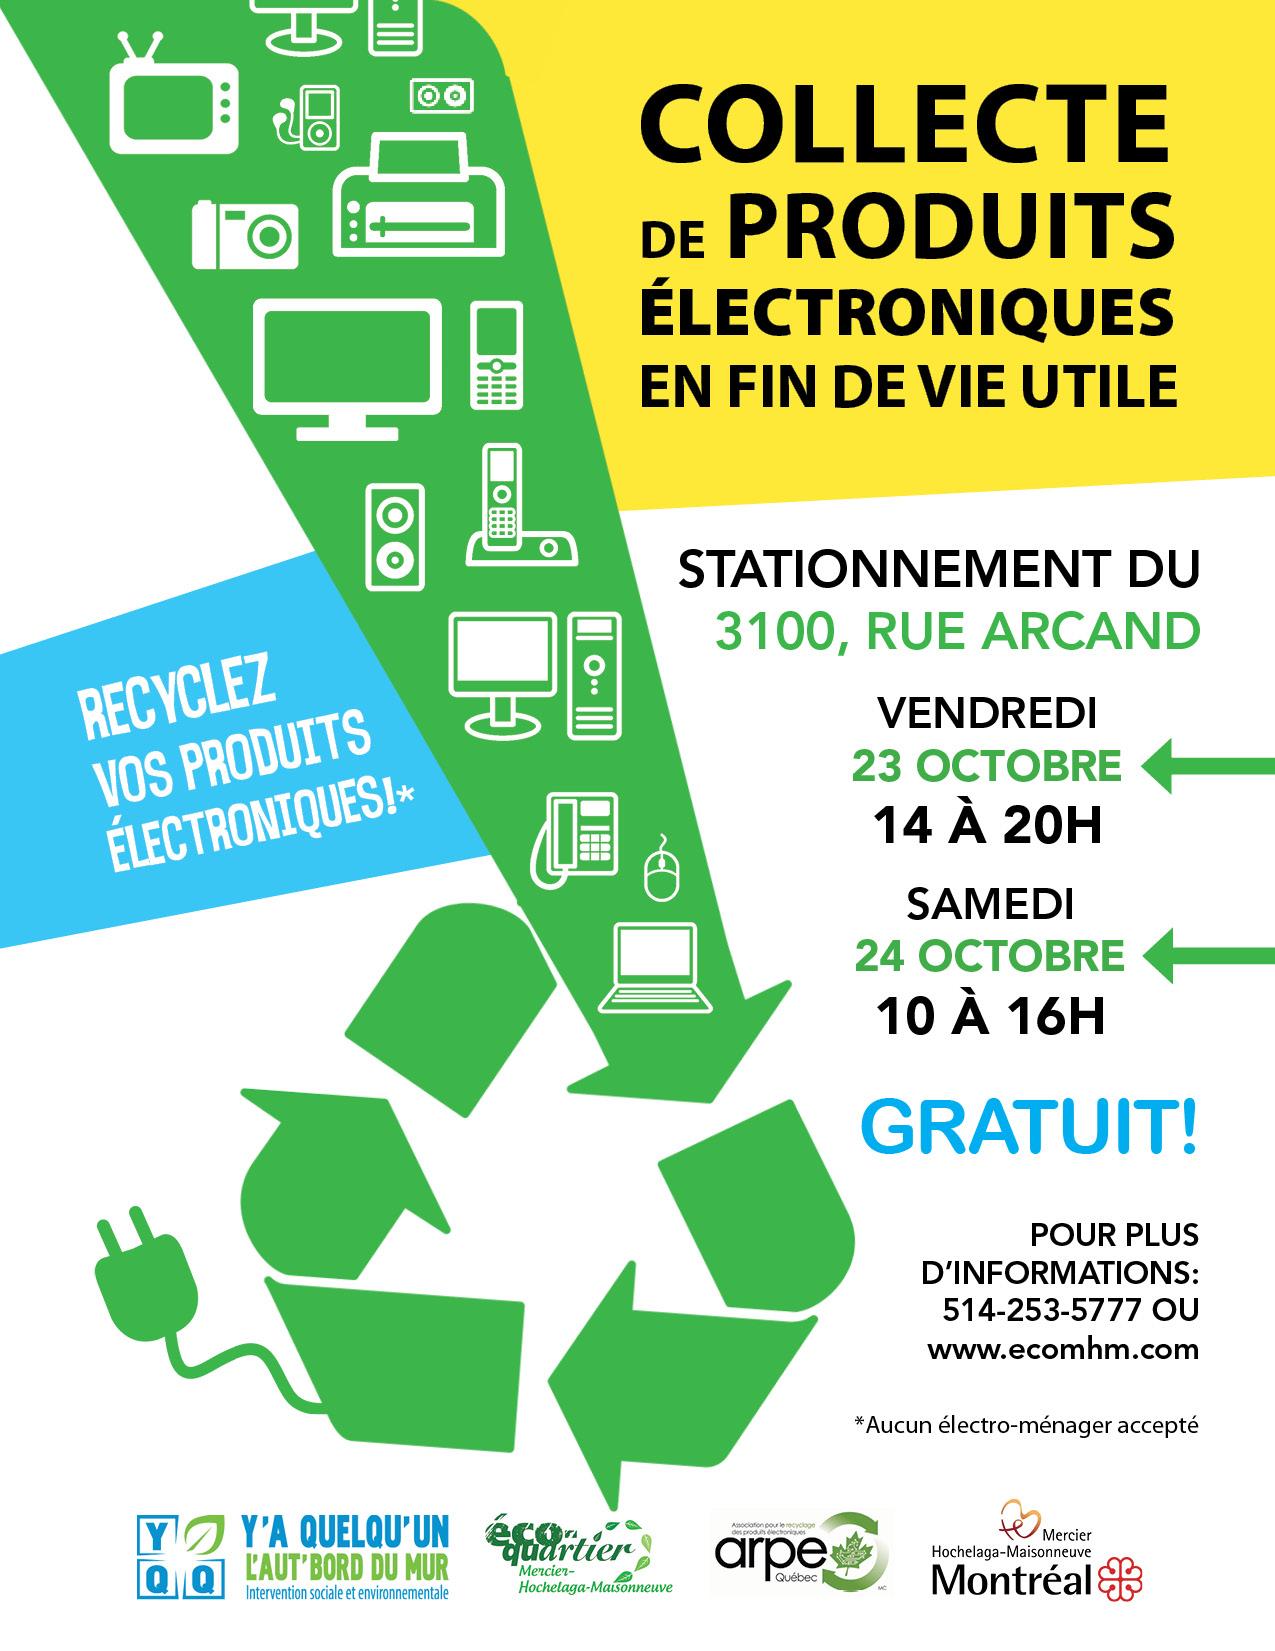 Collecte de produits lectroniques en fin de vie utile co quartier mercier - Collecte appareils electroniques ...